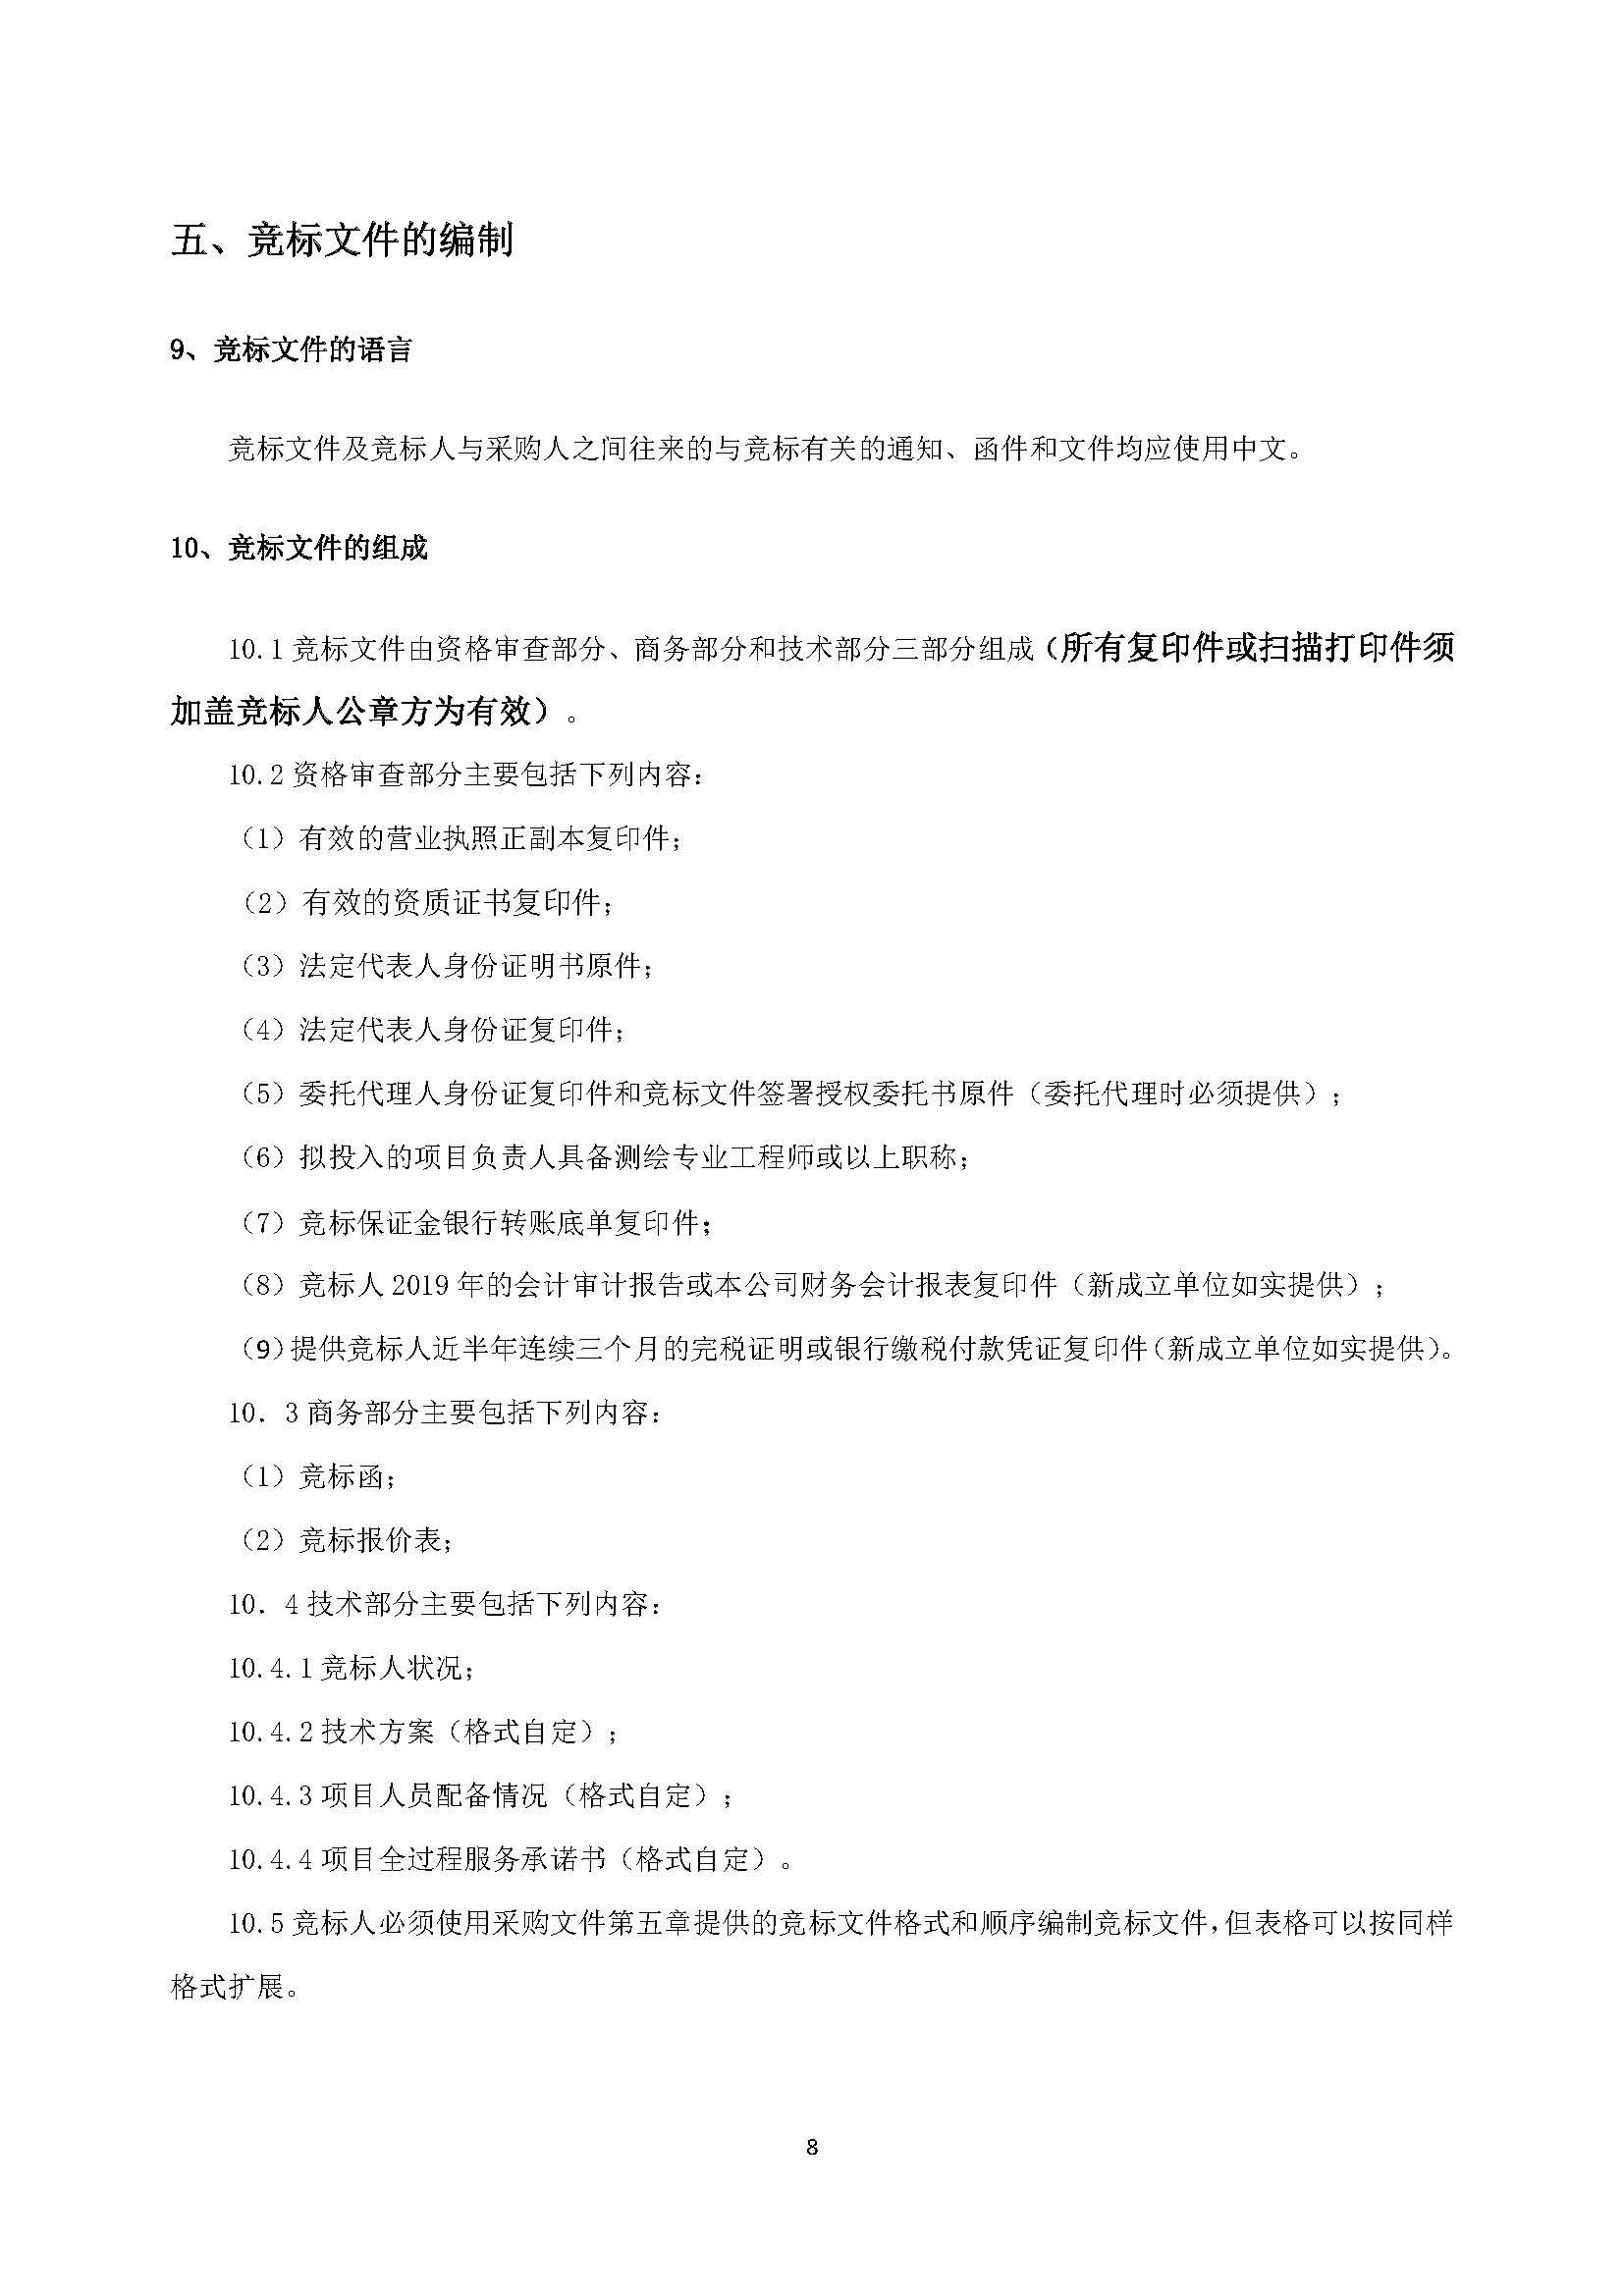 (确定)安徽快三基本走势图市政环卫园林绿化企业一体化面积测绘服务采购 竞争性谈判采购文件20200610(2)_页面_12.jpg